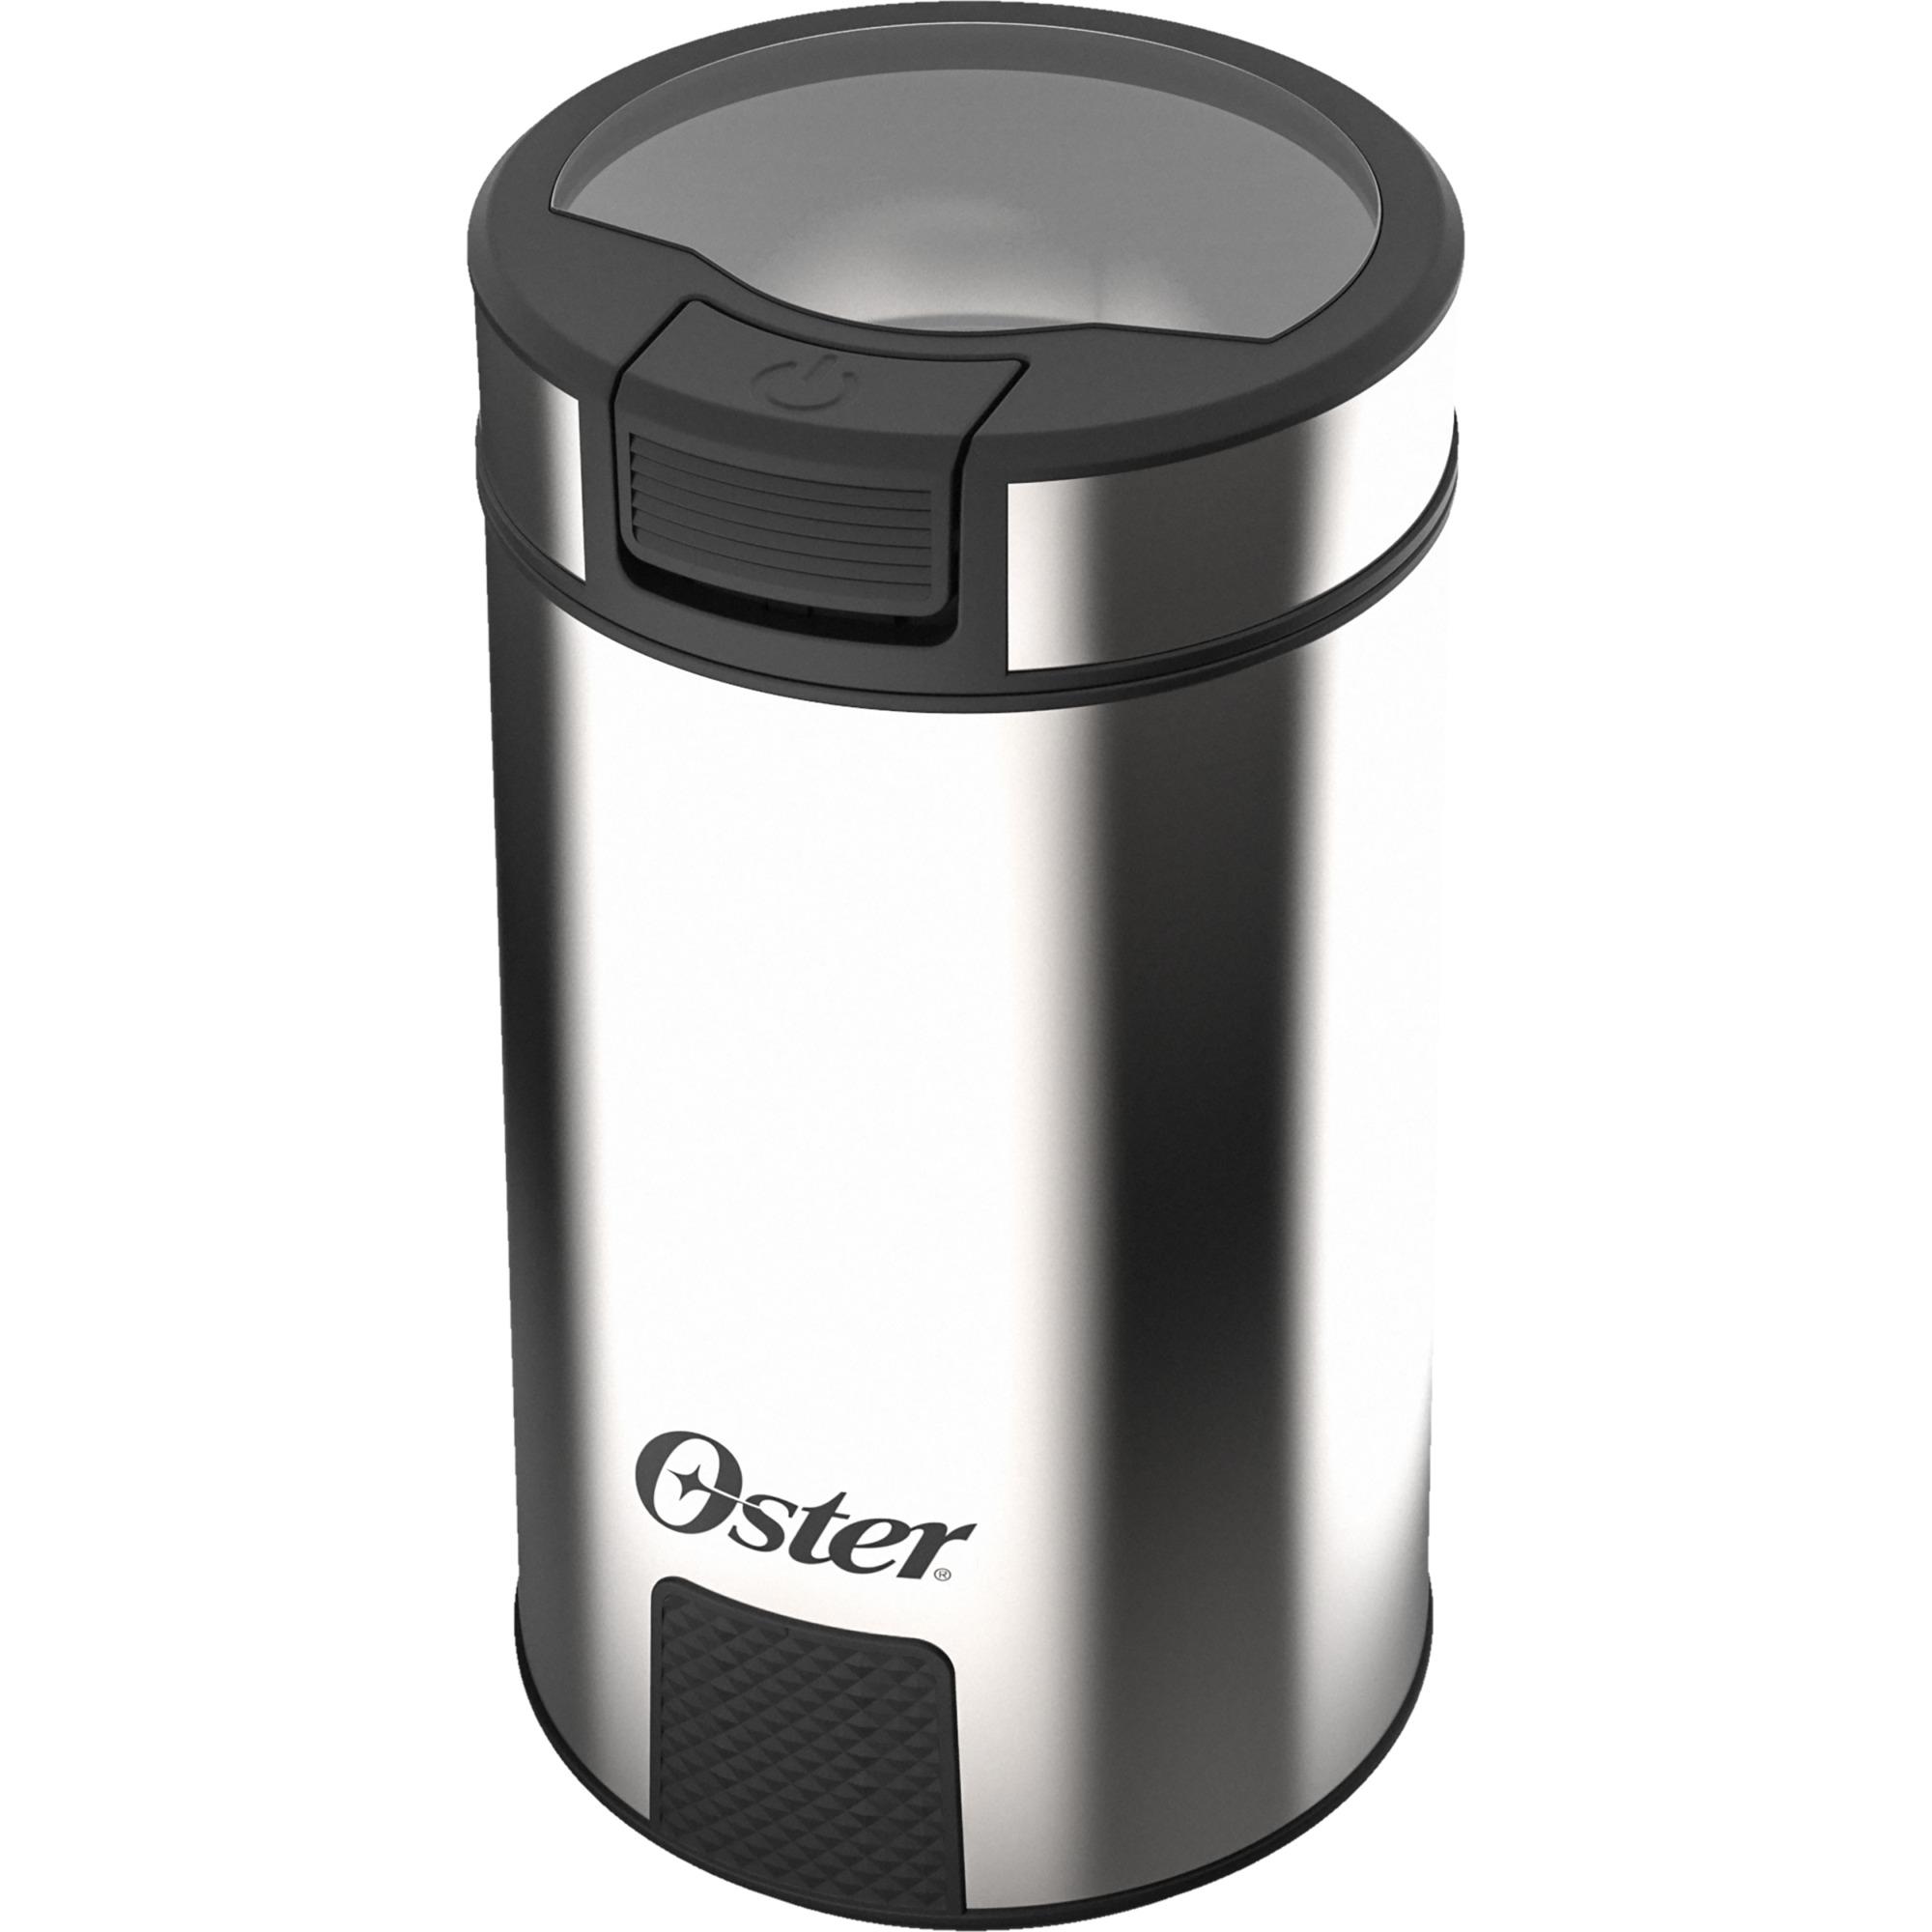 Moedor de Cafe Oster em Aco Inox 150W 220V - OMDR100